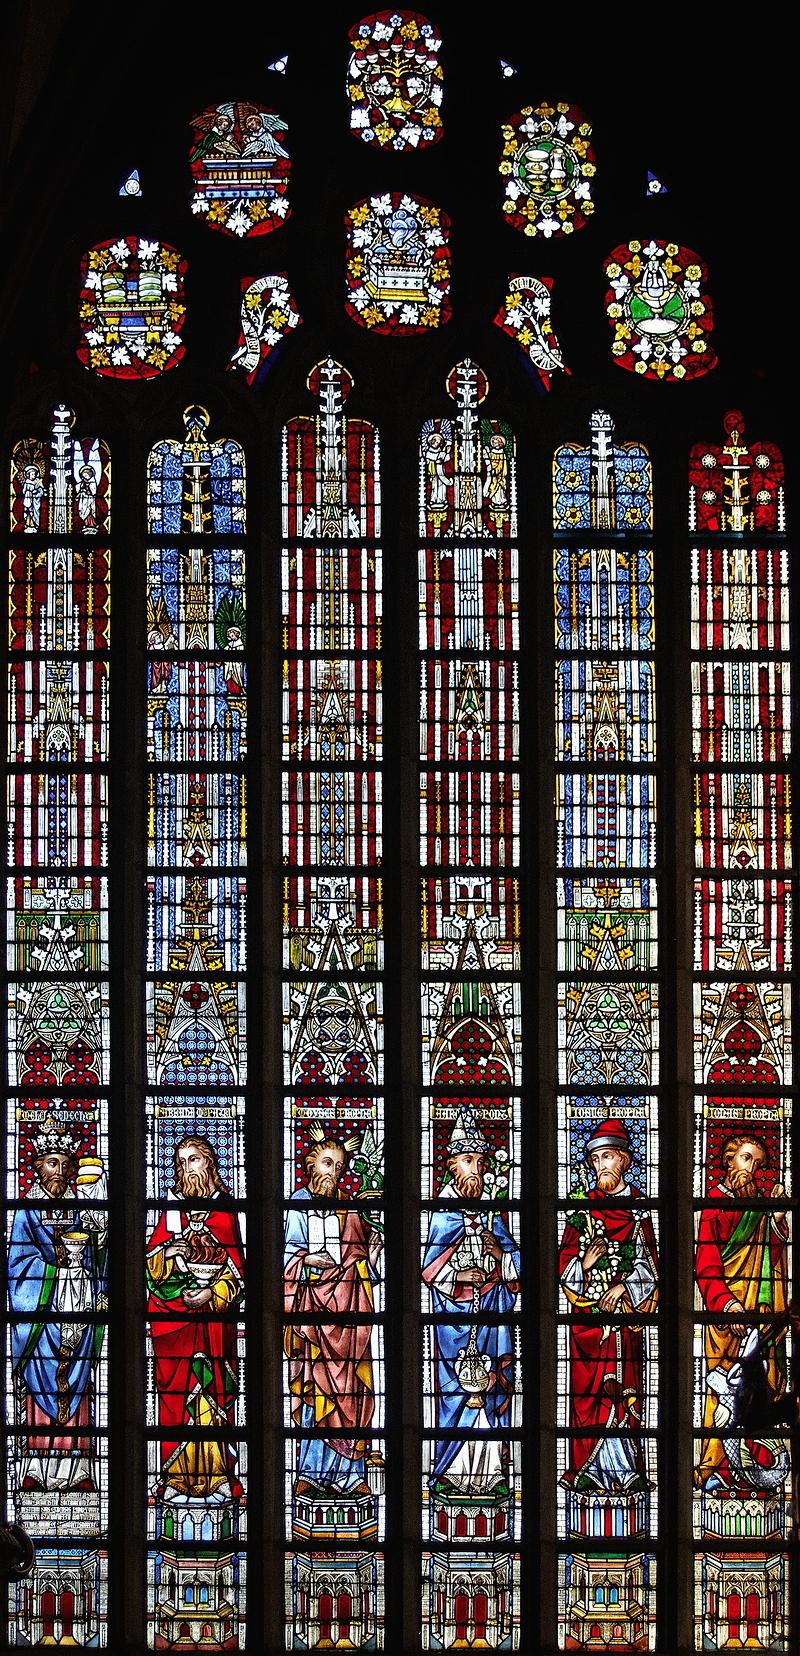 St Salvator, Bruges: The Prophets